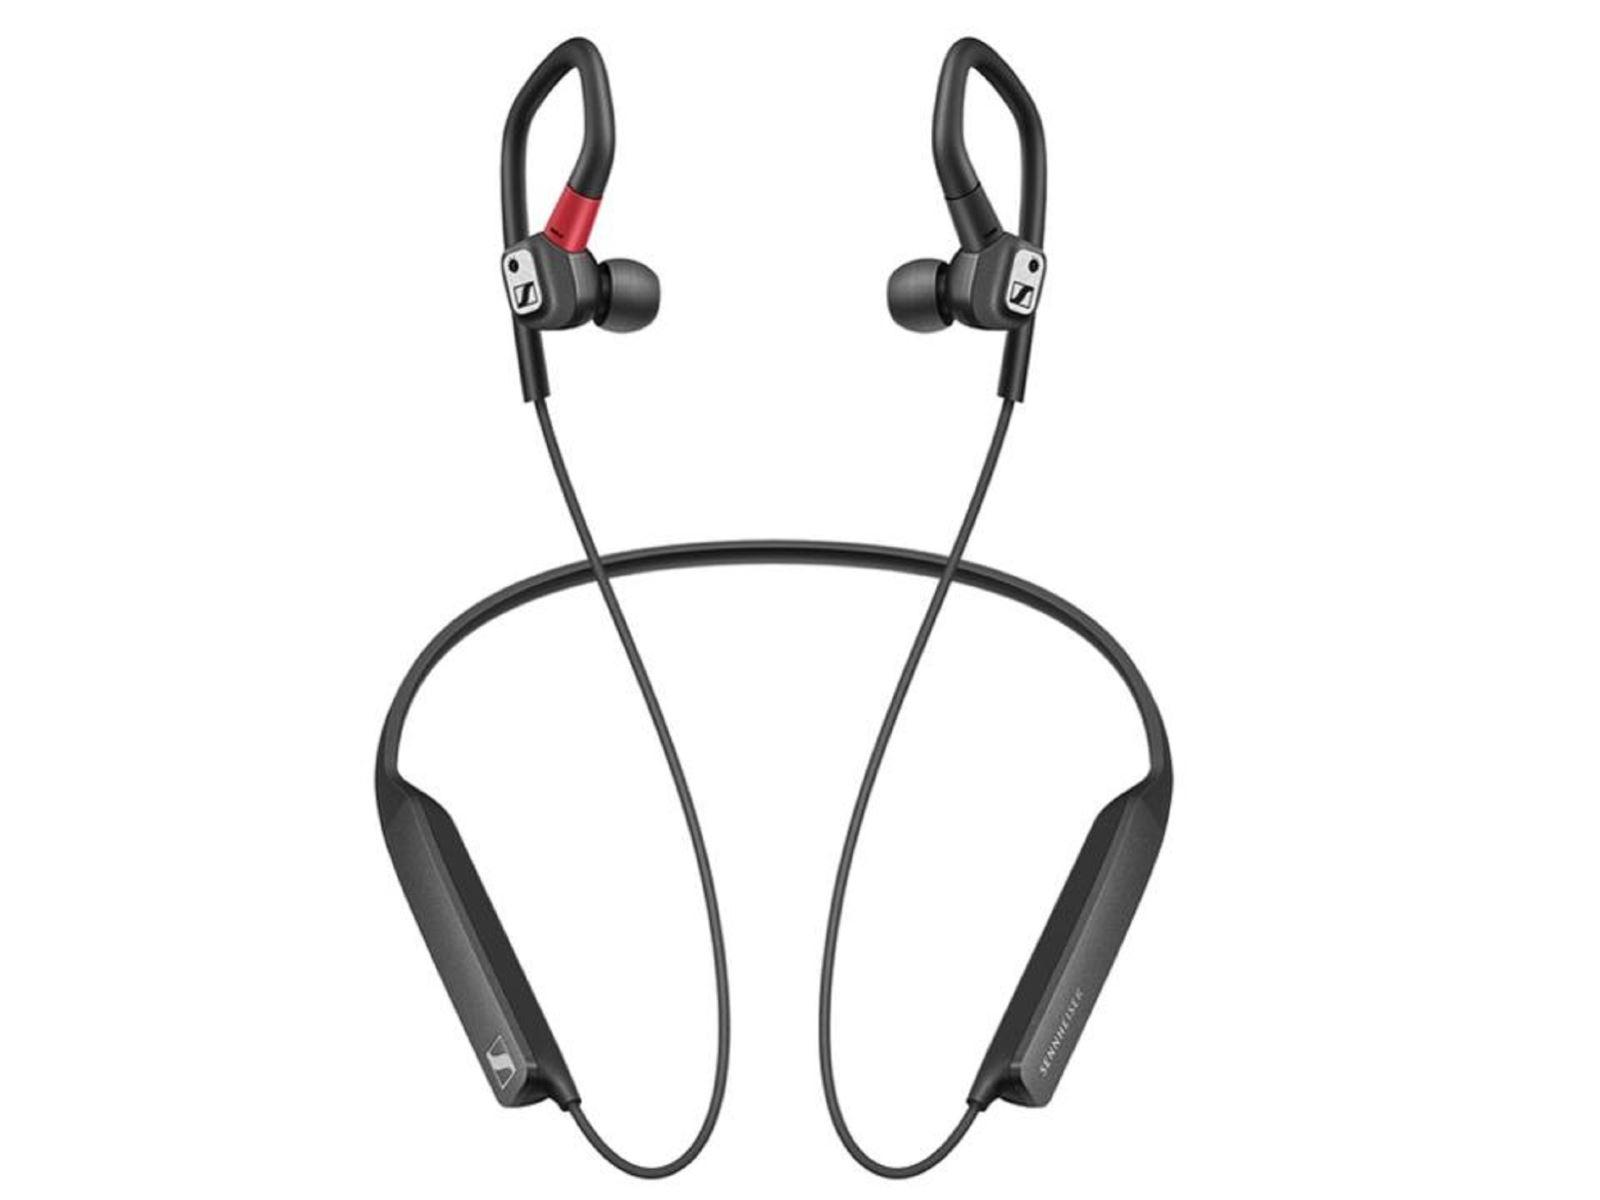 Sennheiser chính thức ra mắttai nghe không dây hi-end IE 80S BT